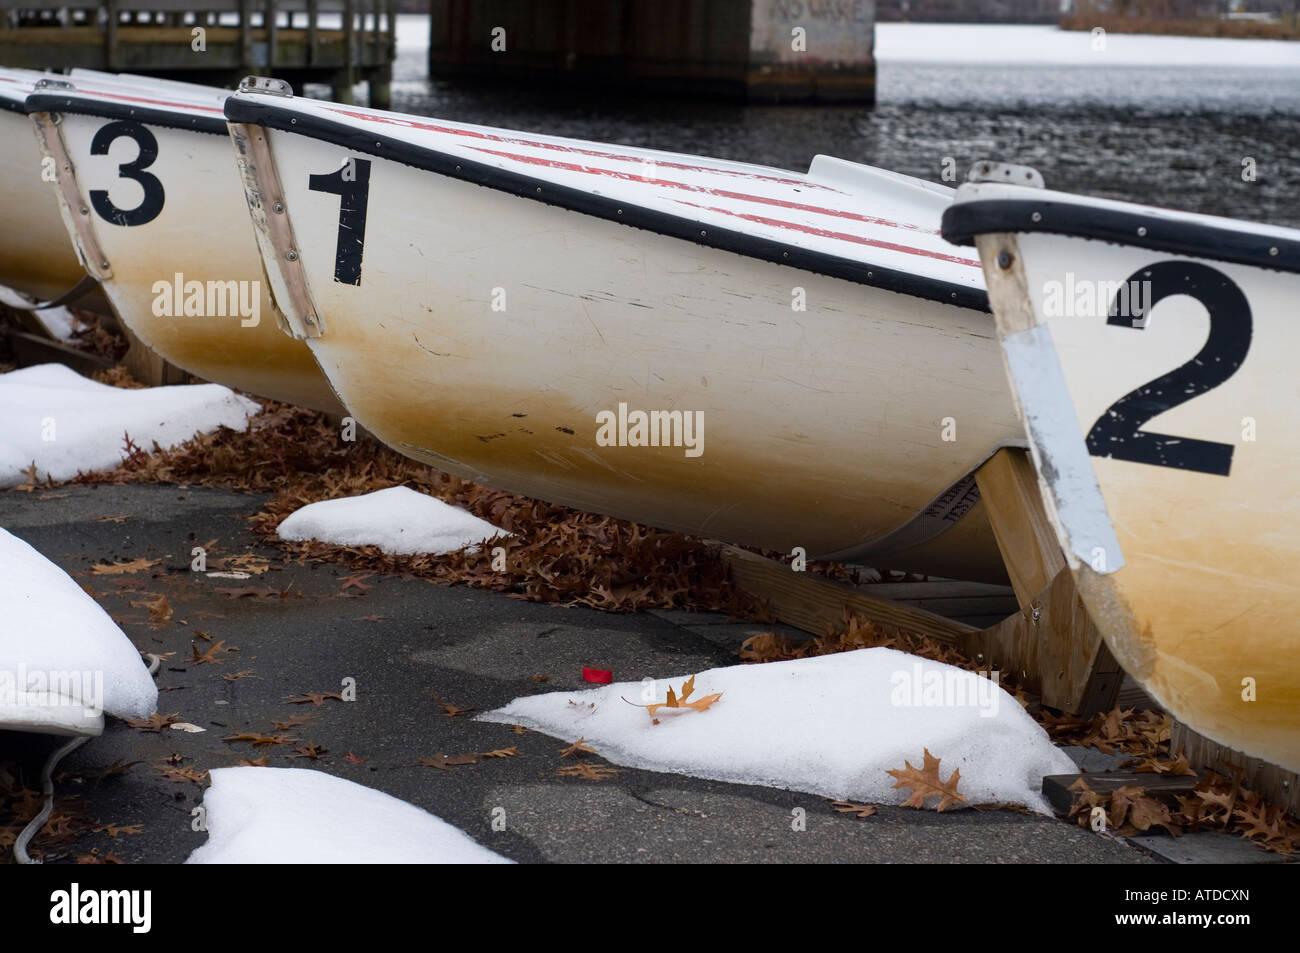 Numerate da barche a vela tirato arenarsi in inverno. Immagini Stock